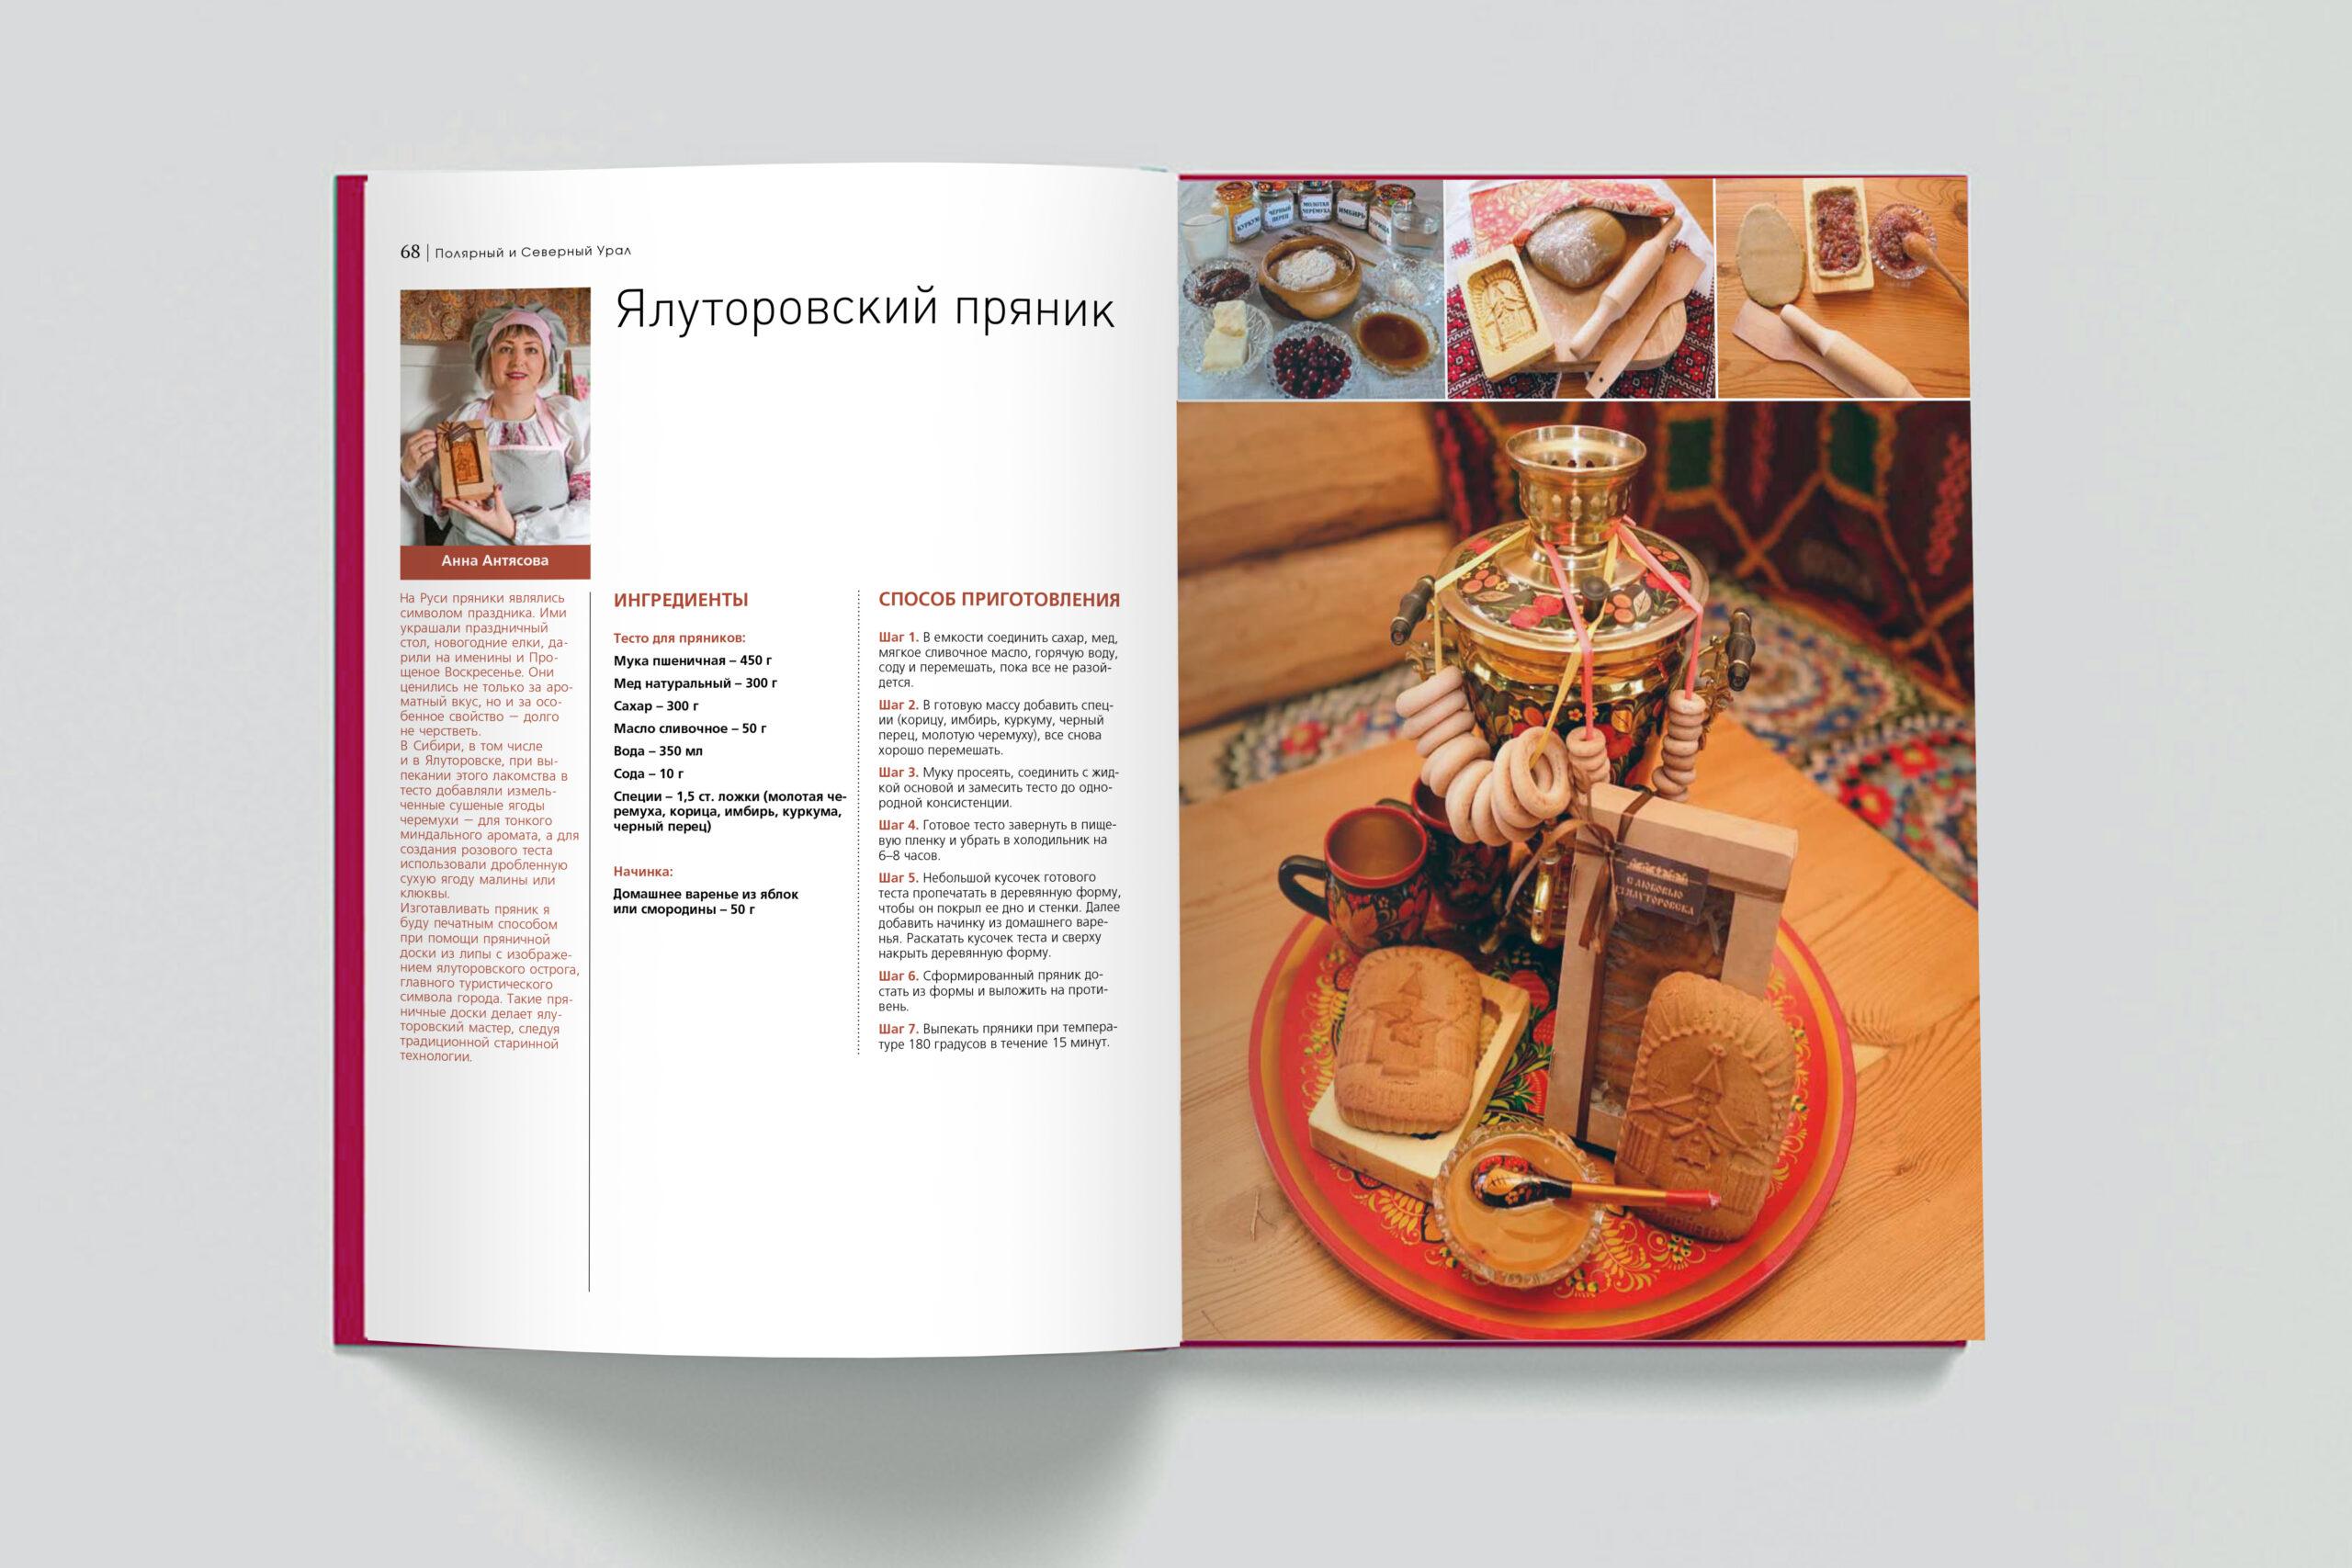 Уральская кухня — 52 оригинальных рецепта